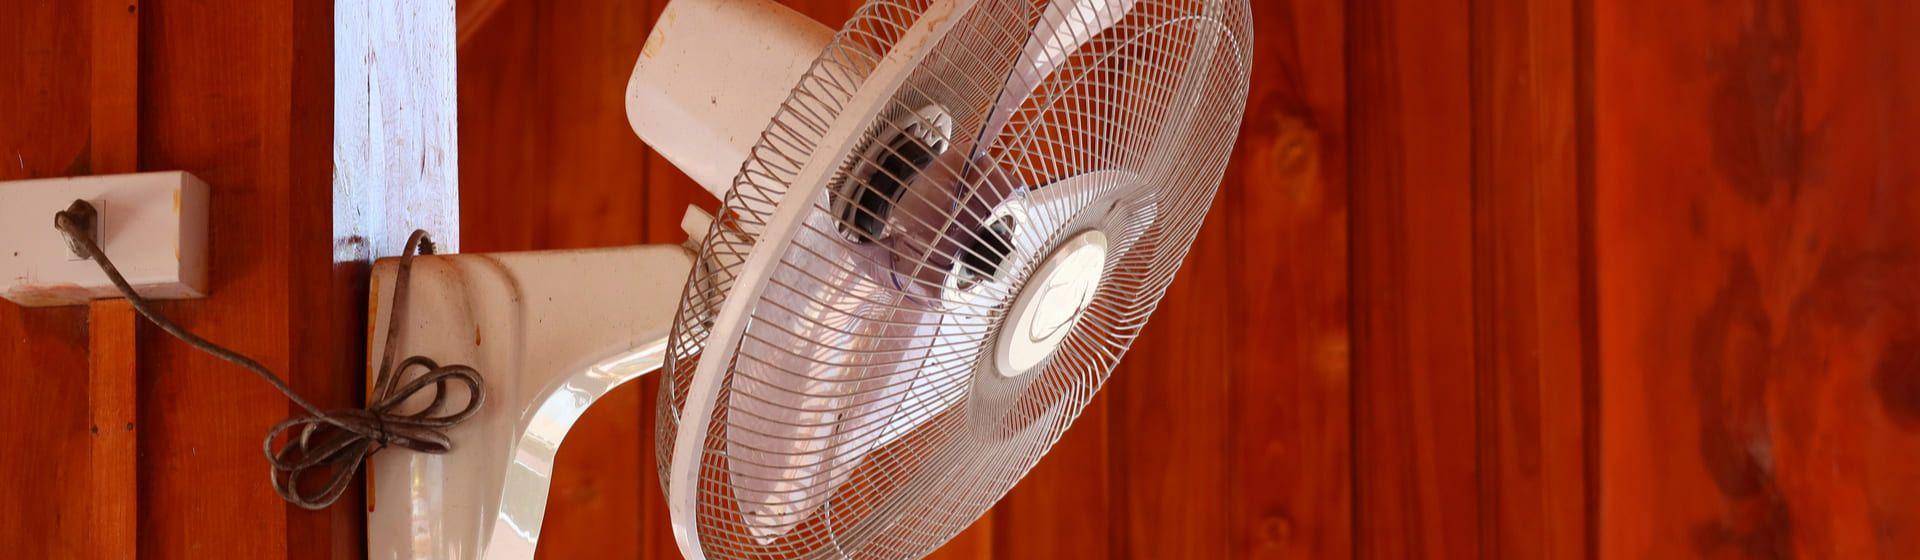 Como instalar ventilador de parede?